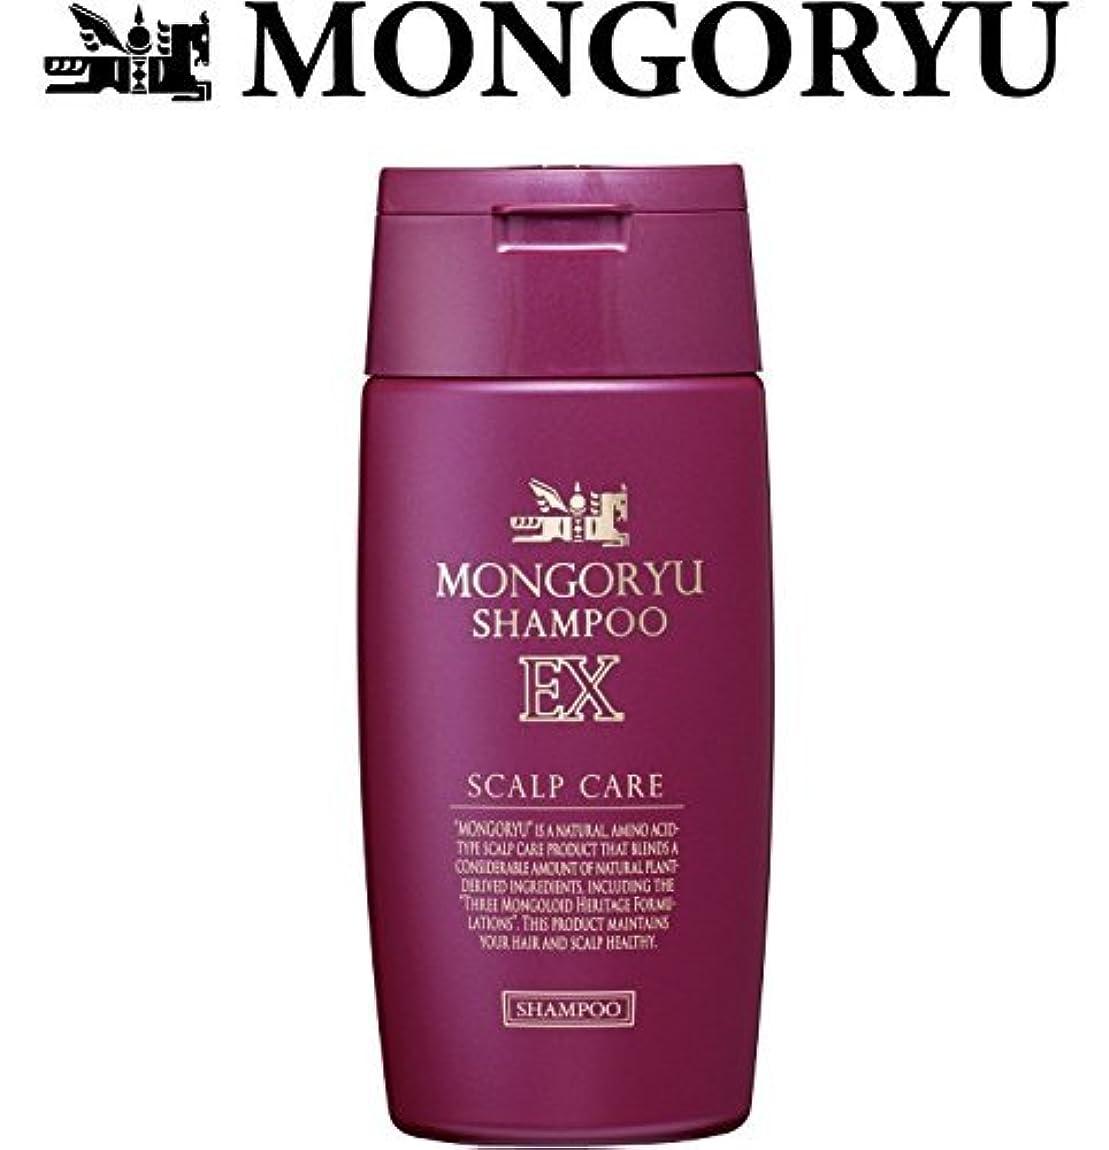 考古学的な最後に影響力のあるモンゴ流 スカルプシャンプーEX 200ml / 【2018年 リニューアル最新版】 フレッシュライムの香り MONGORYU